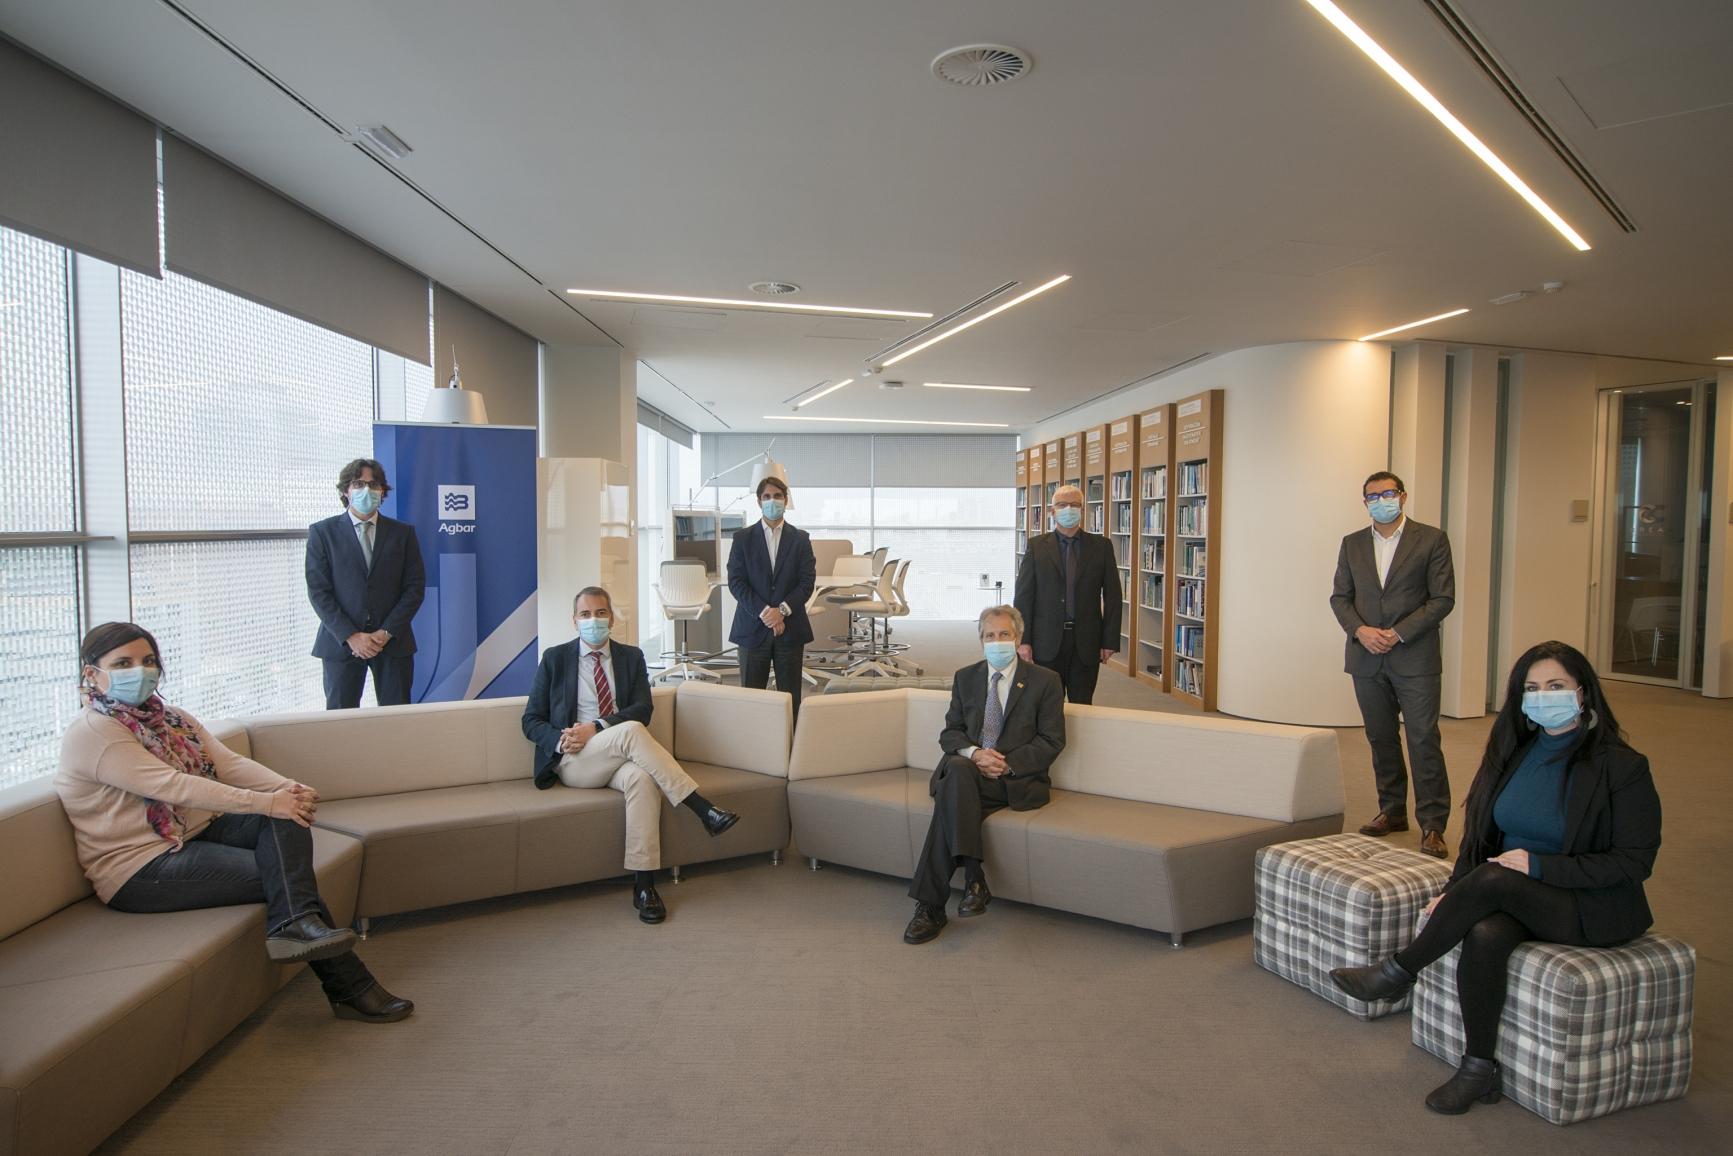 Reunió d'Agbar i el Departament d'Educació per signat el conveni | Aigües de Barcelona